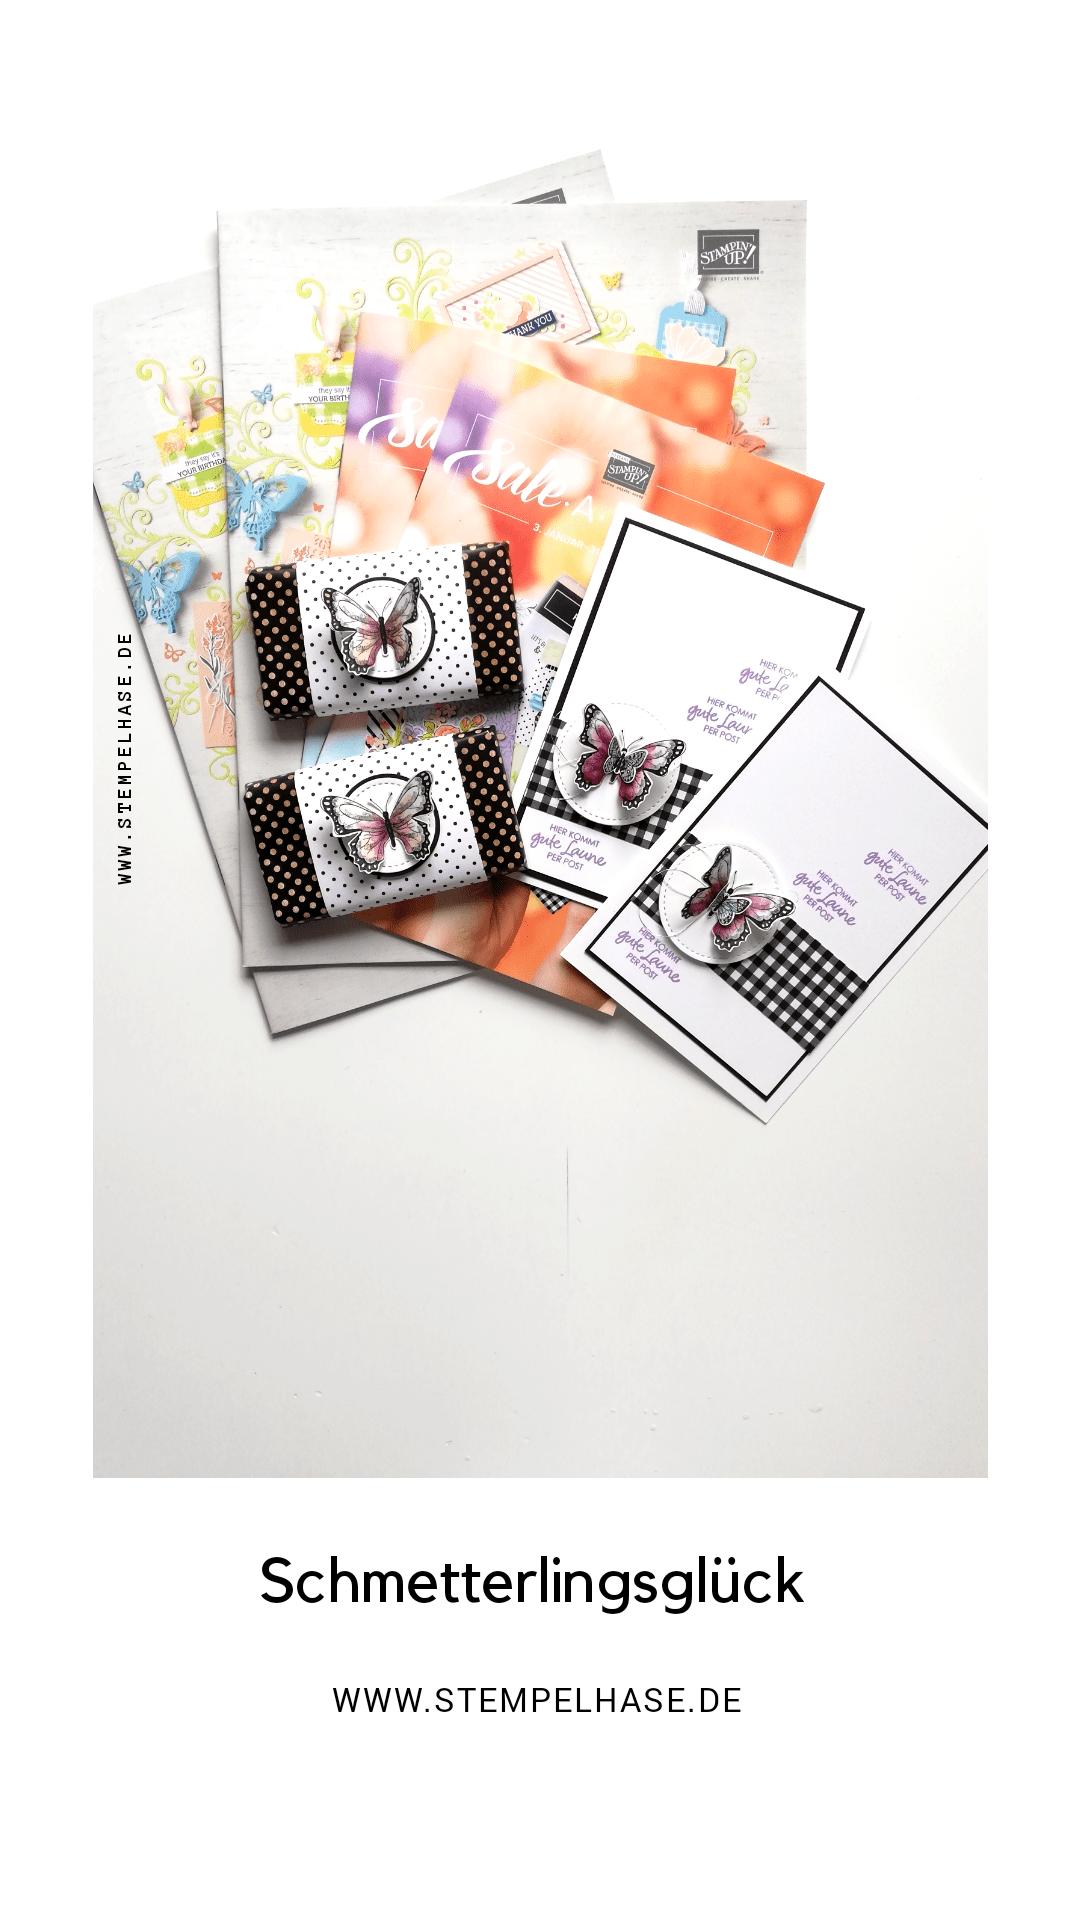 #stempelhase.de #Schmetterlingsglück #stampinup #Karte #Schmetterlingsduo ***WERBUNG*** Mit den Stempelset #Schmetterlingsglück und dem Designerpapier Schmetterlingsvielfalt ist ein kleine Karte entstanden, wenn Du wissen möchtest, wie Du sie basteln mußt, besuche meinen Blog: www.stempelhase.de, dort findest du auch den Link zum Video. Gerne kannst du die Produkte über mich bestellen. #Stampin' Up #stampinupdemonstrator #stempelhase #selbstgemacht #basteln #schmetterlingsvielfalt #stampinupdeutschland #selbstgemacht #Stempel